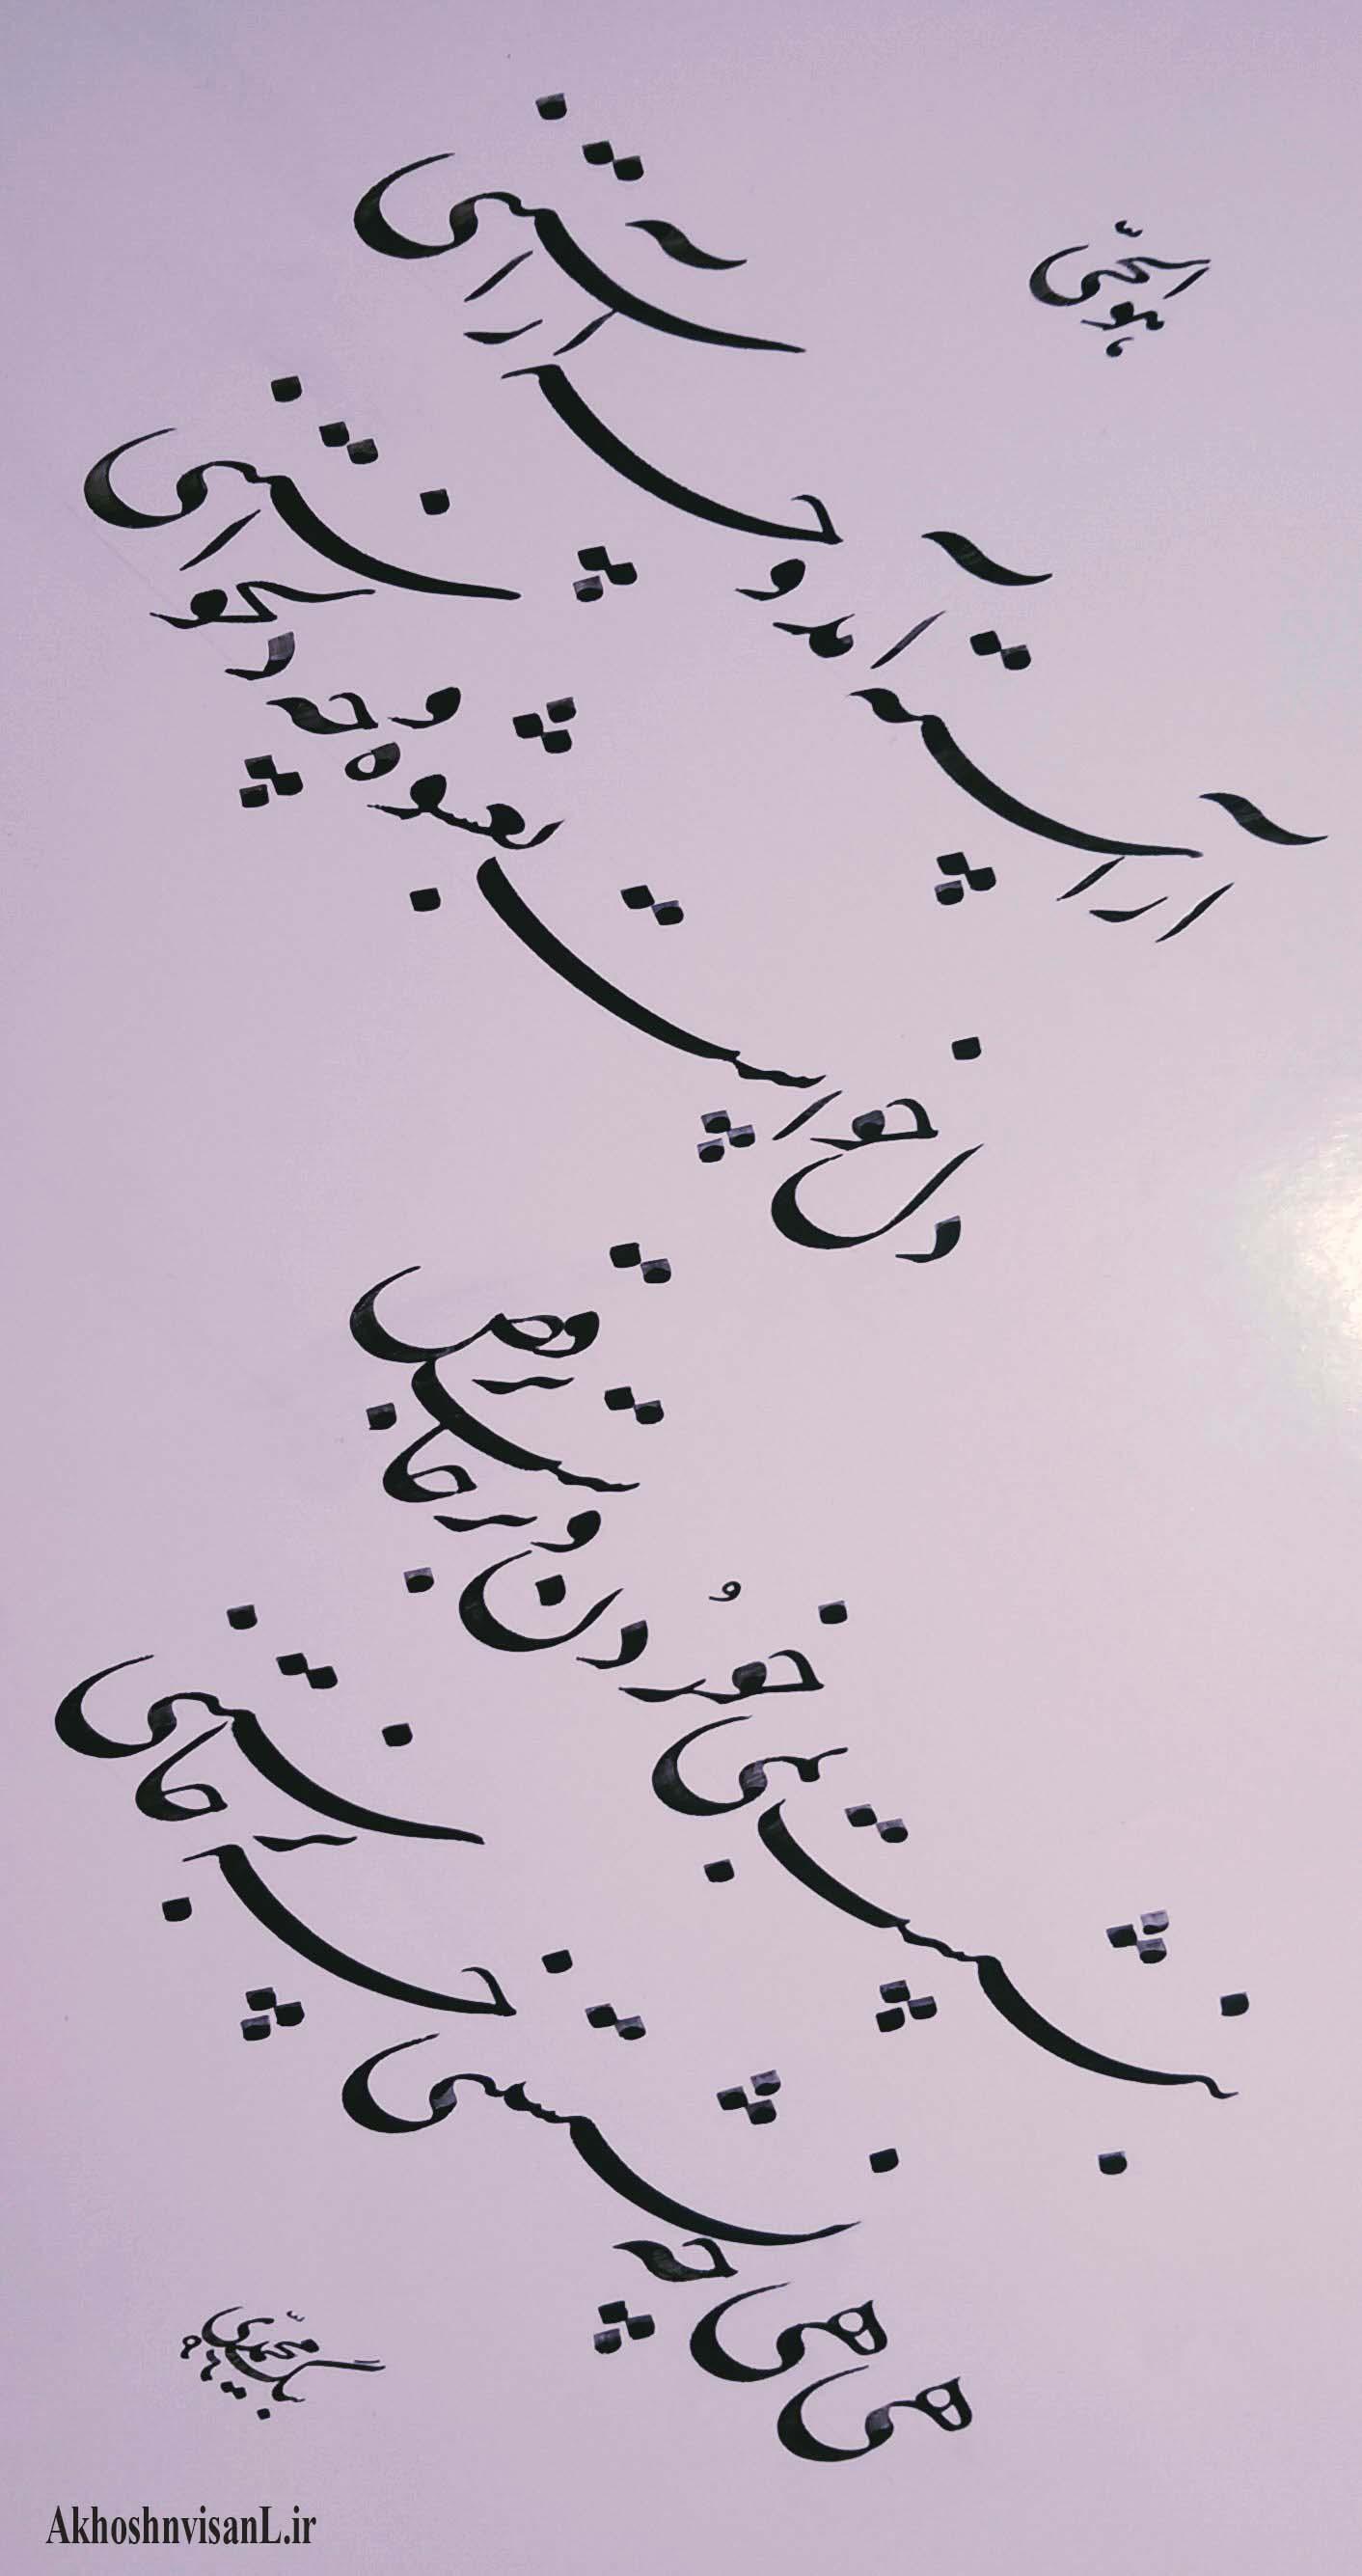 2qjt_استاد_بیگ_محمدی_96.jpg